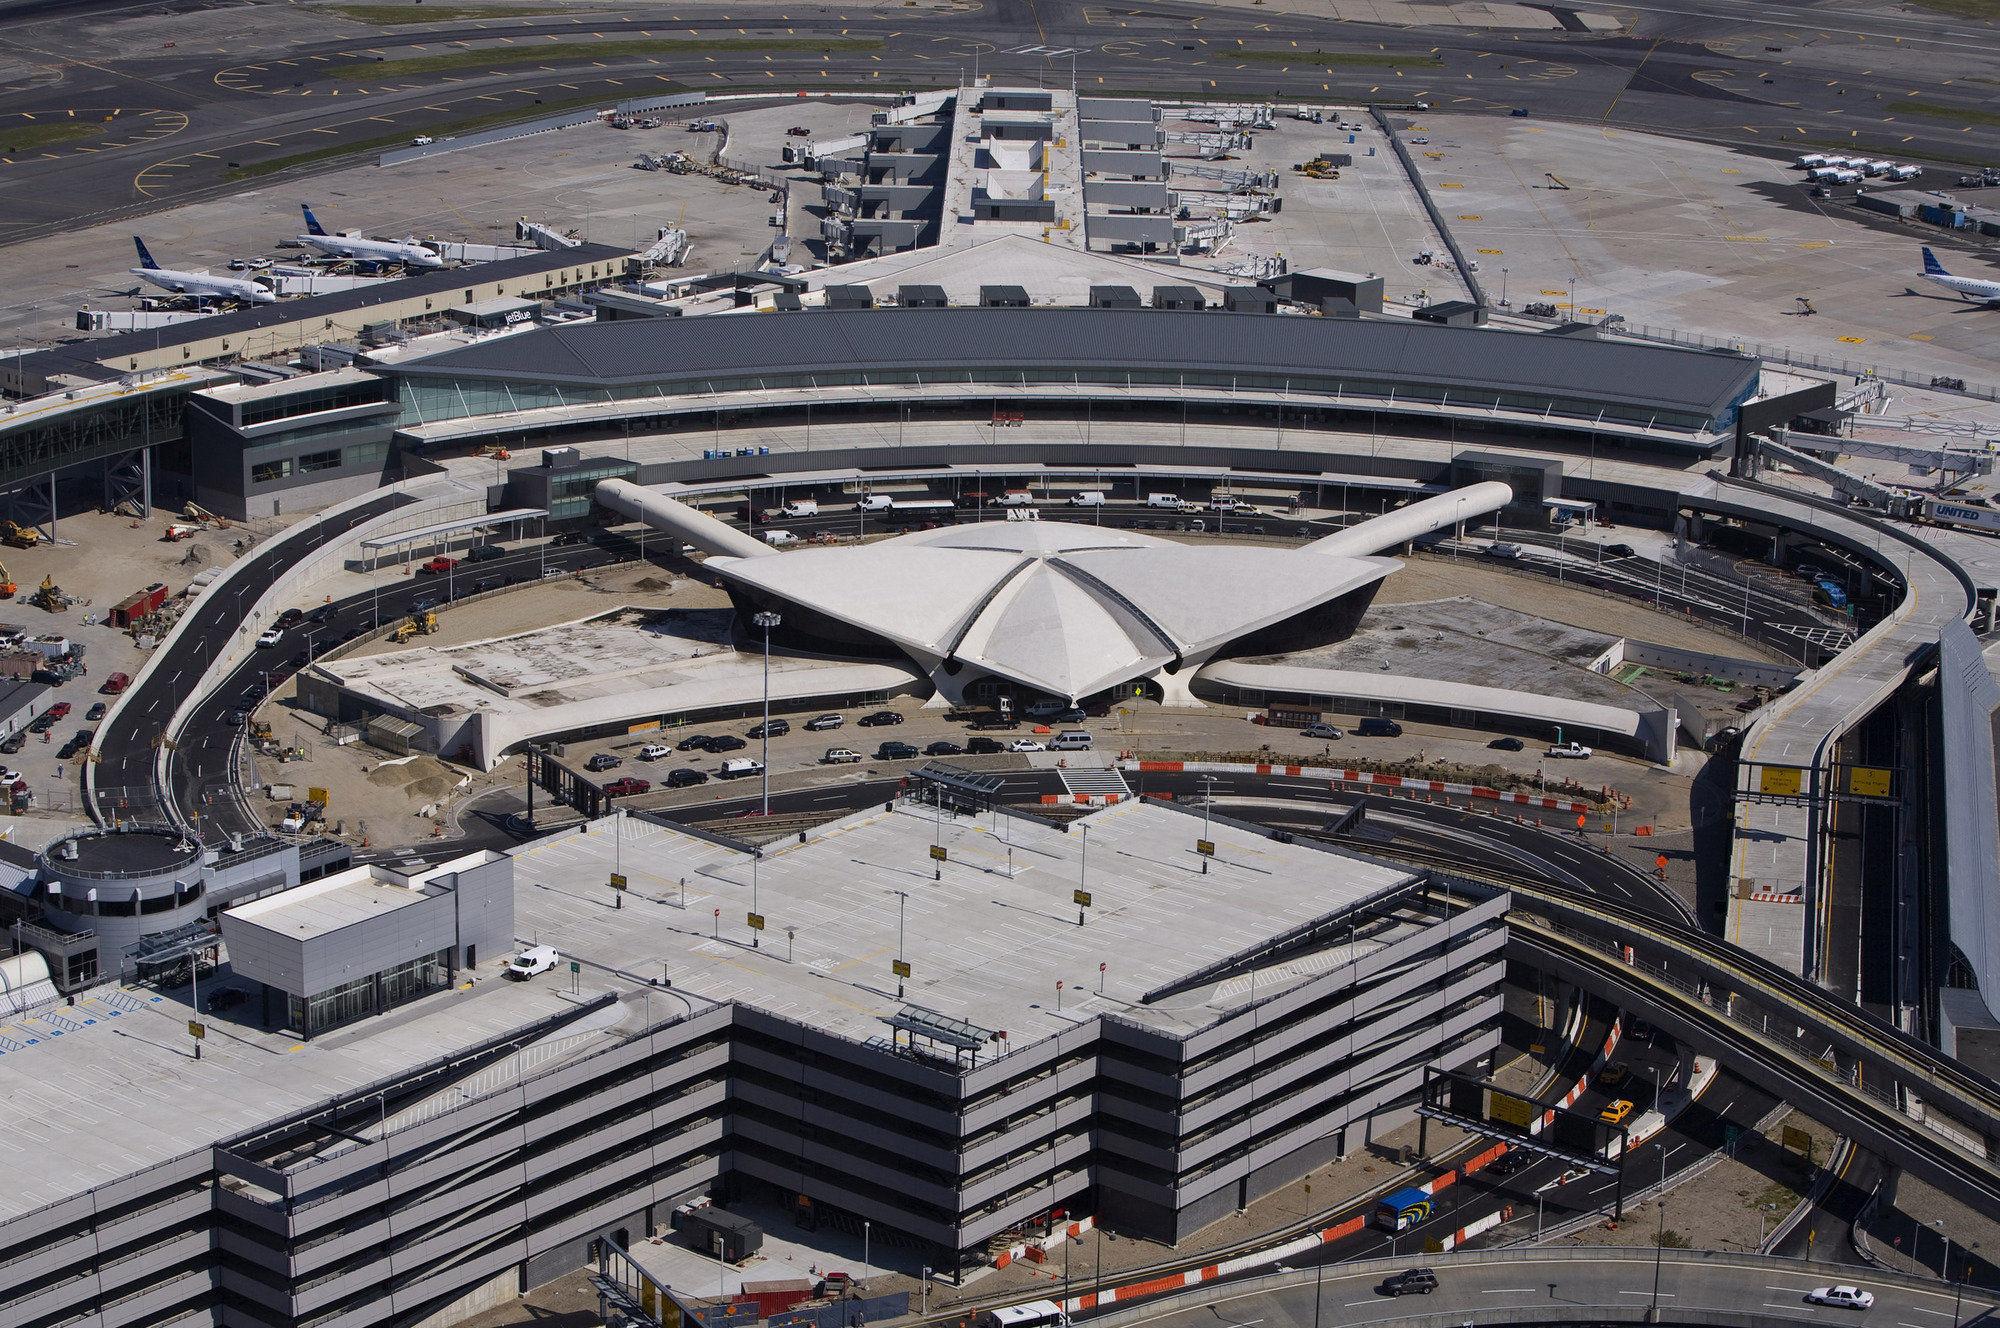 El aeropuerto más grande de la ciudad, recibe el nombre de este Expresidente estadounidense